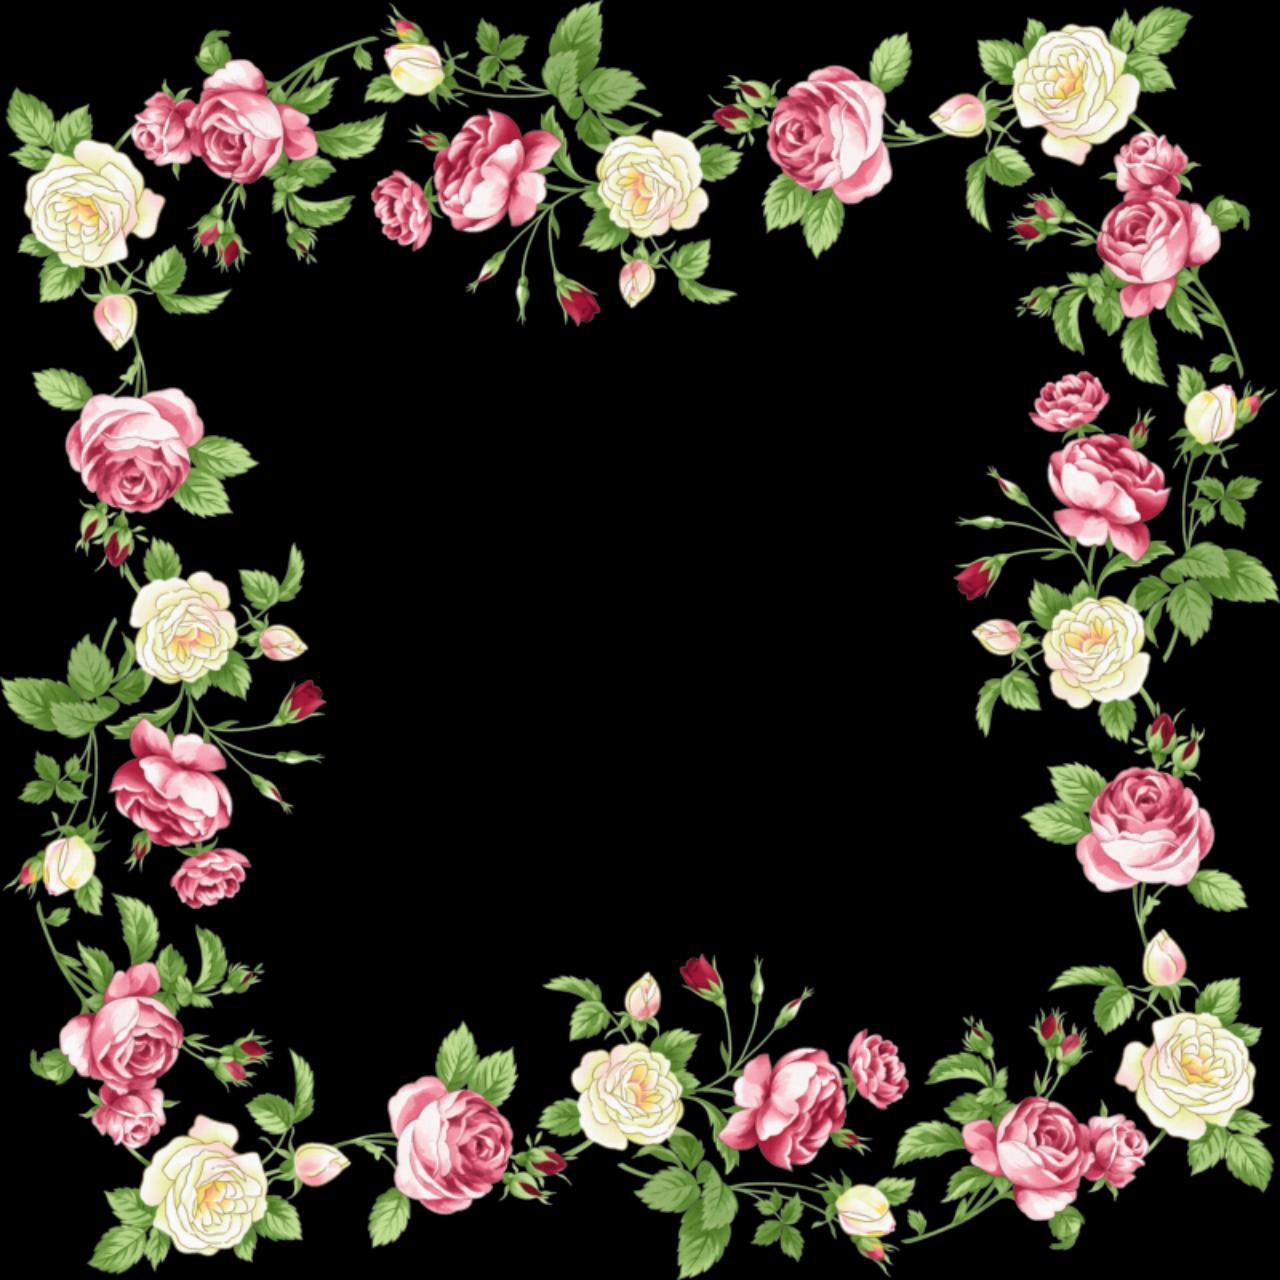 floral border png Pesquisa Google Floral border design